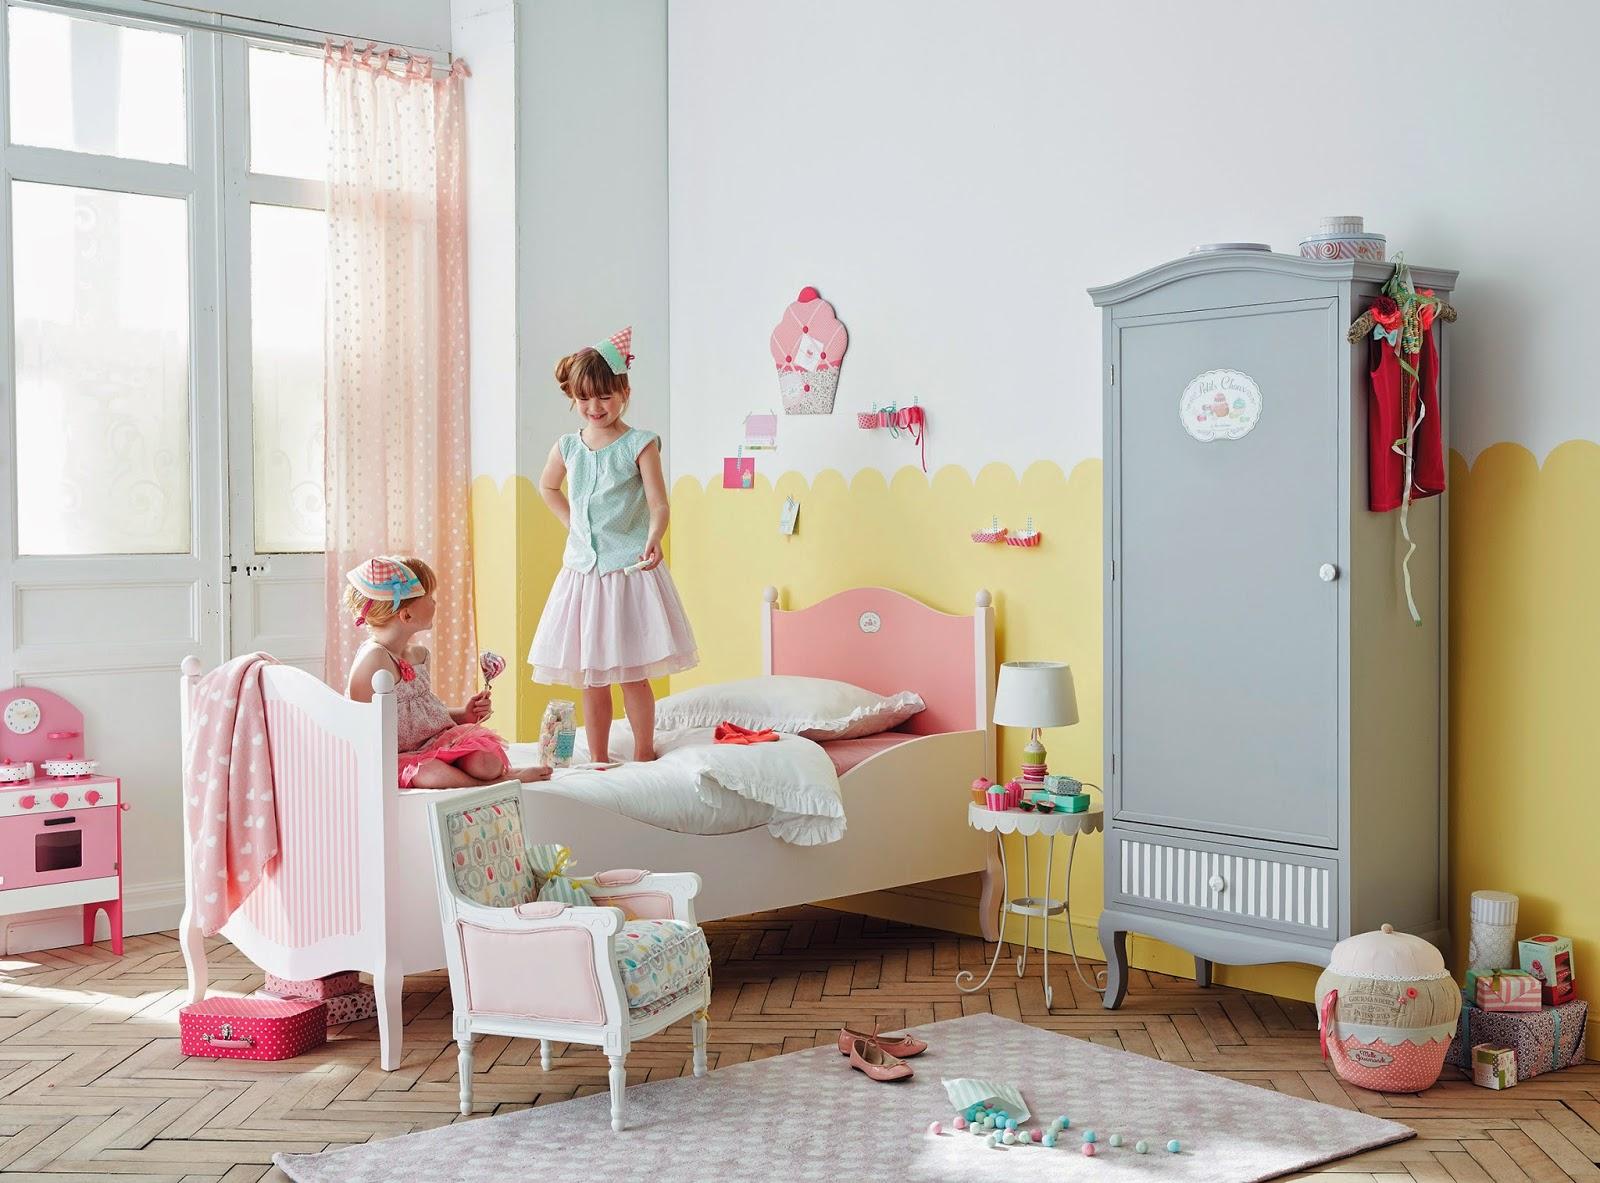 #733E2C Ces Doux Moments: La Chambre Des Kids : Et Si On Changeait  2481 Petite Chambre Mixte 1600x1183 px @ aertt.com